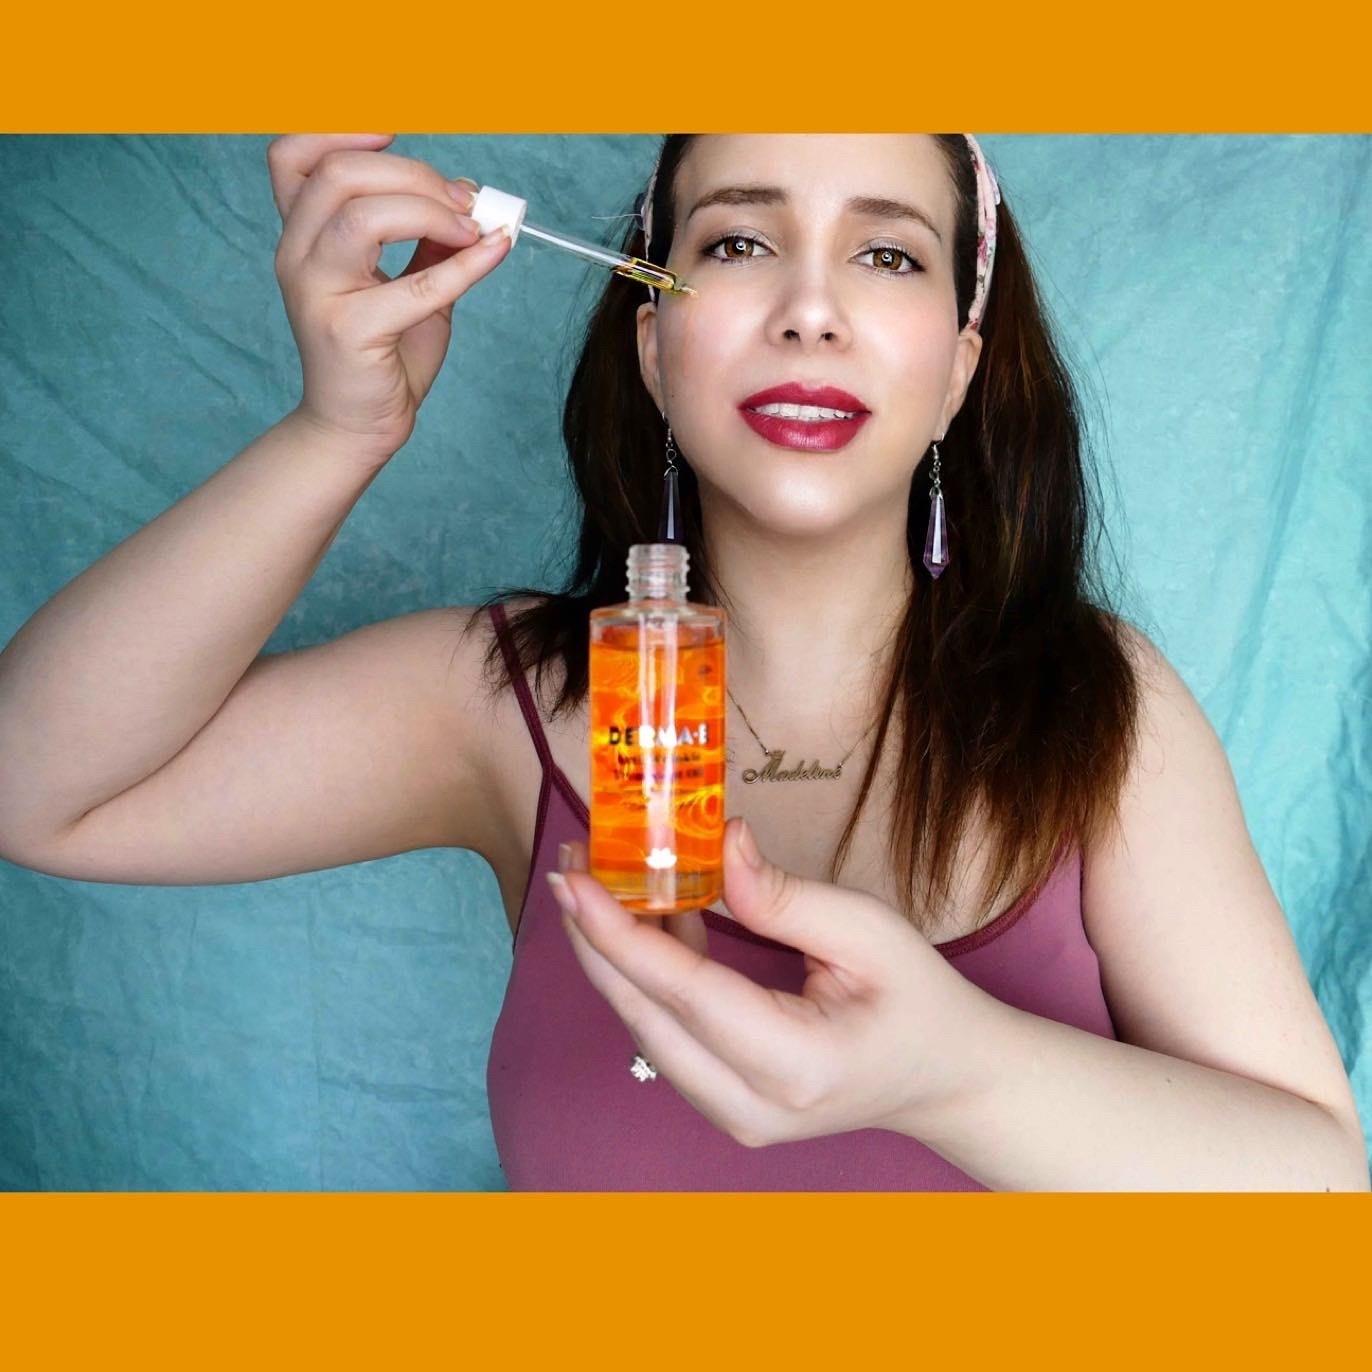 Dermae-antiwrinkle-treatmentoil